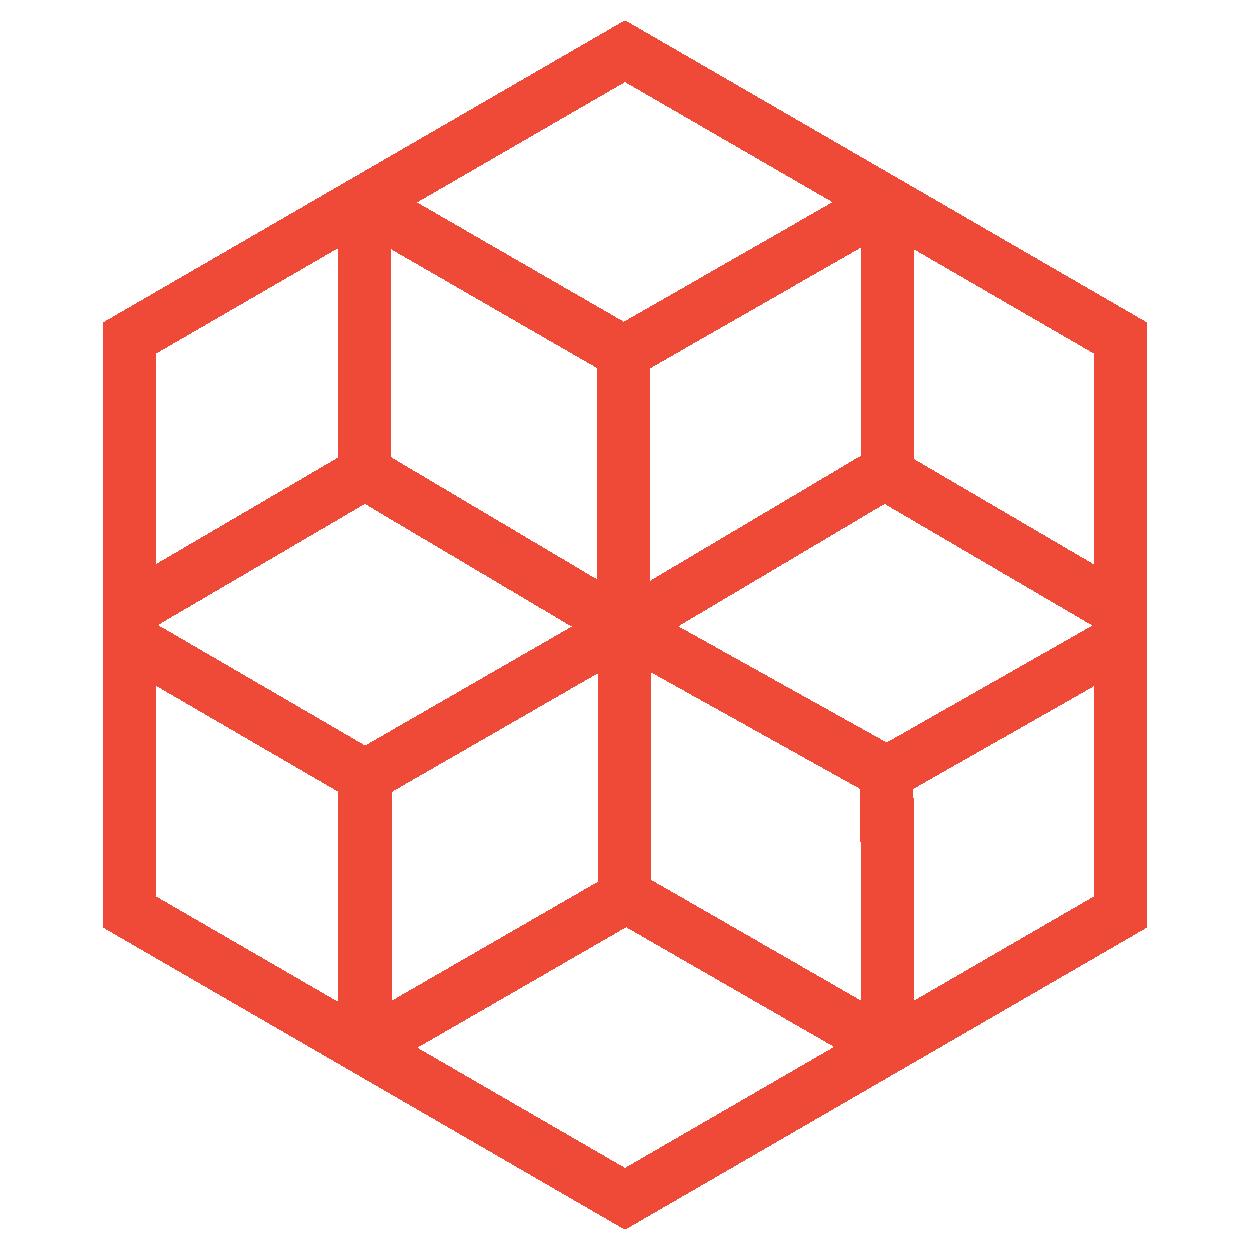 Des Moines Hashie Award Gold Hexagon